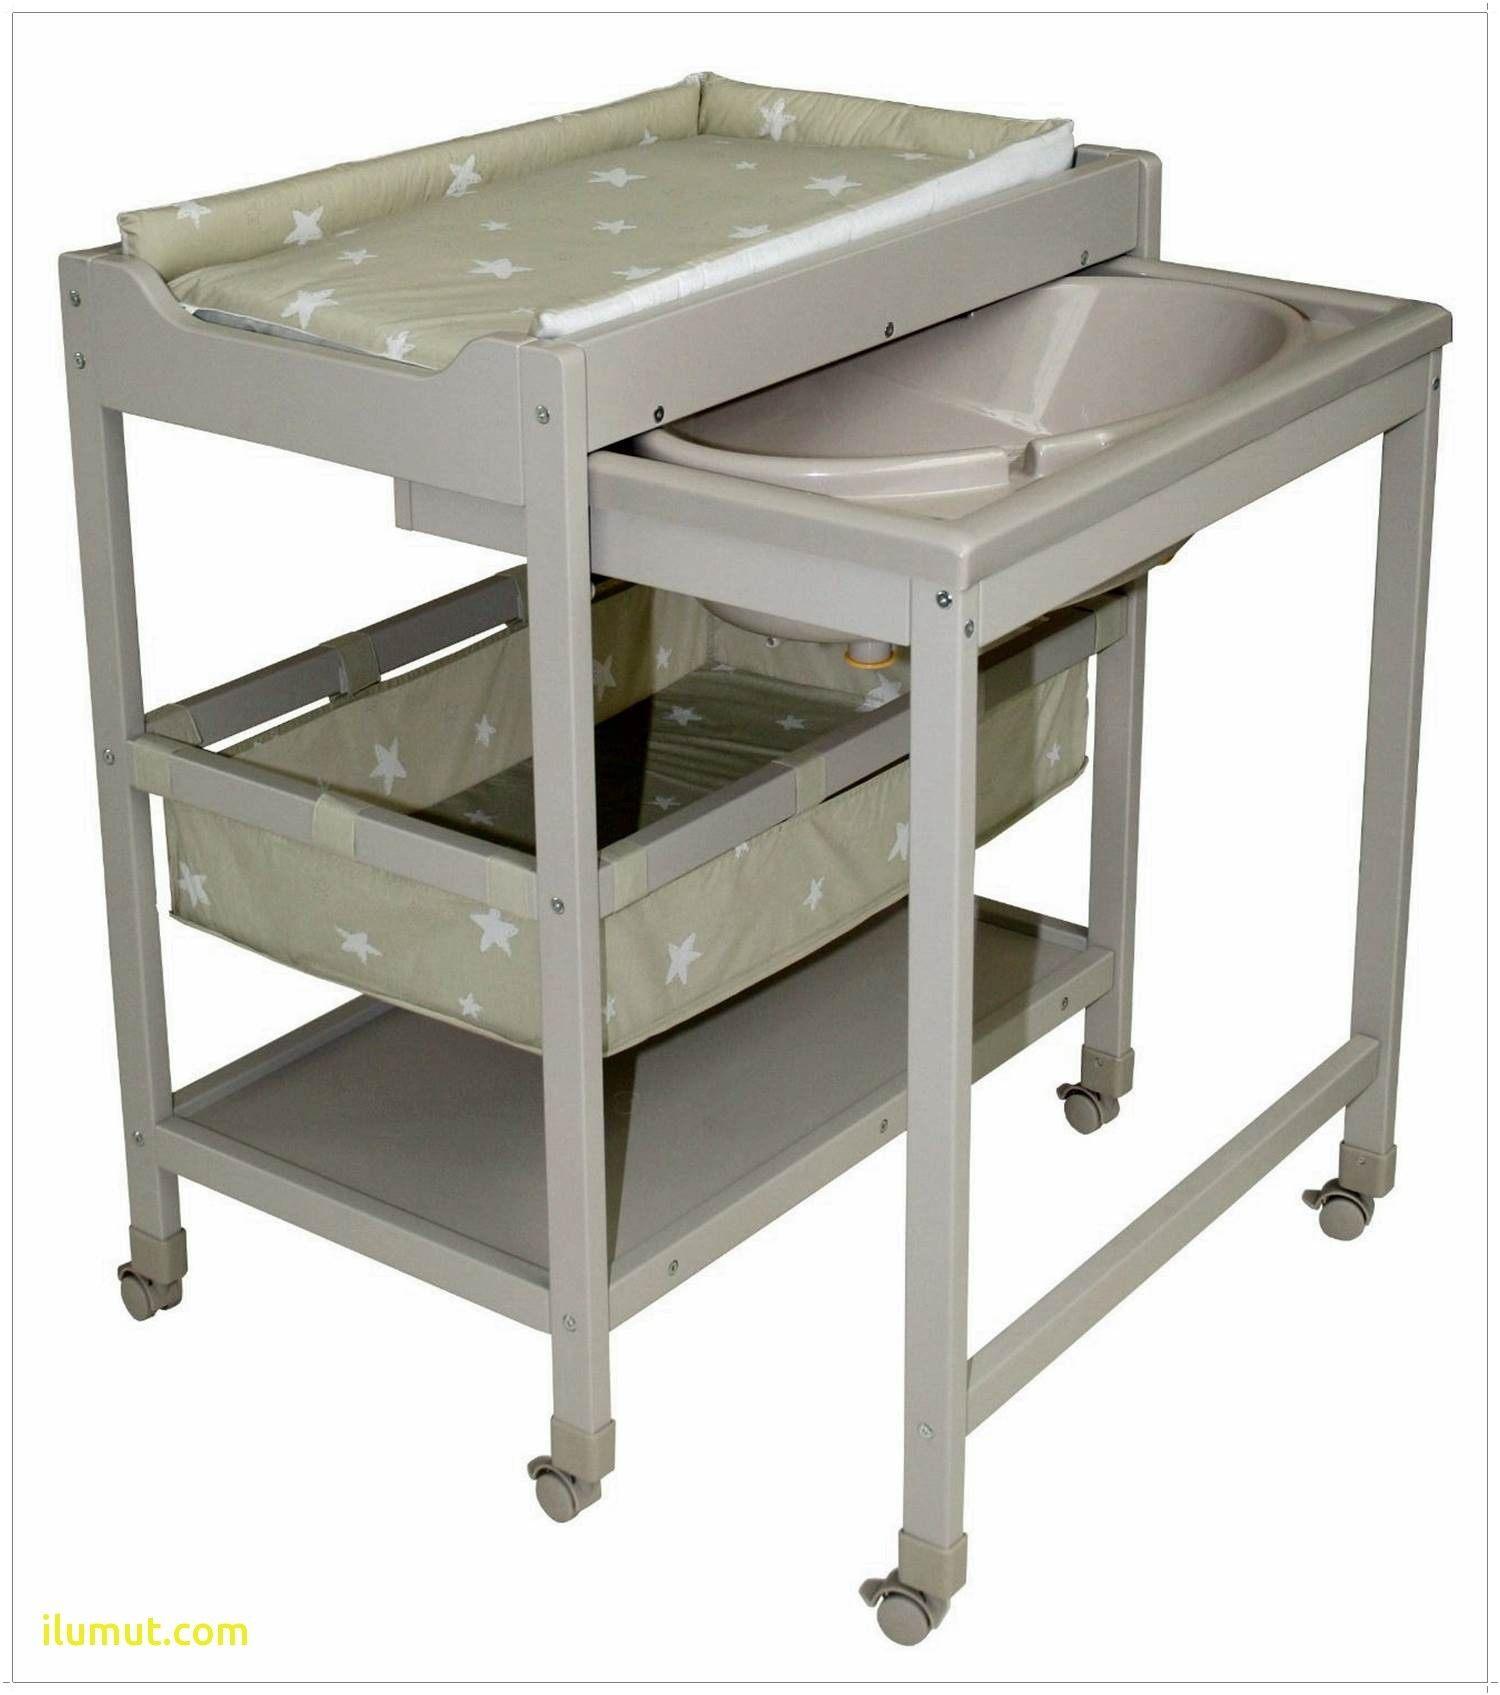 Lit Bebe Avec Table A Langer Belle Table  Langer Baignoire Luxury Table A Langer Ikea Pliable Simple